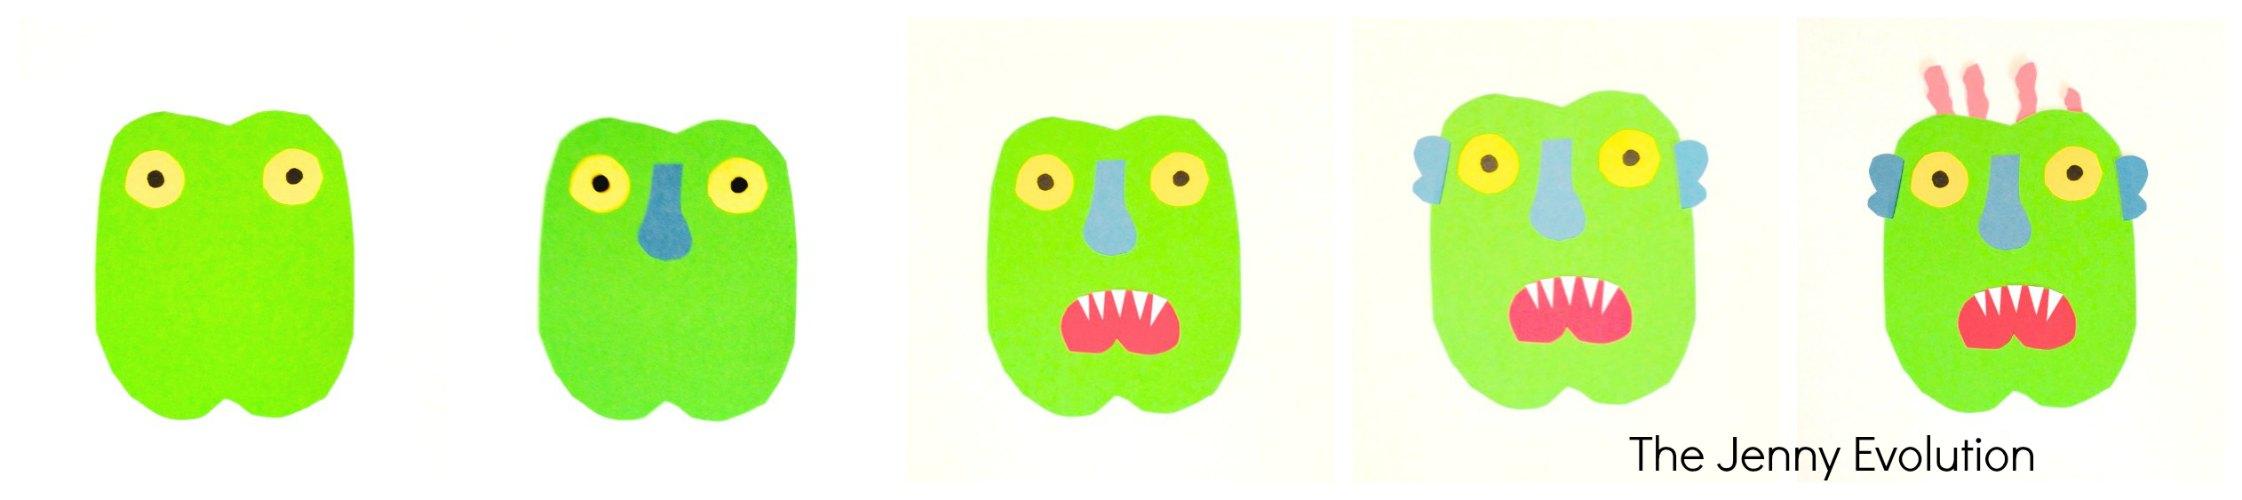 Resultado de imagen de BIG GREEN MONSTER